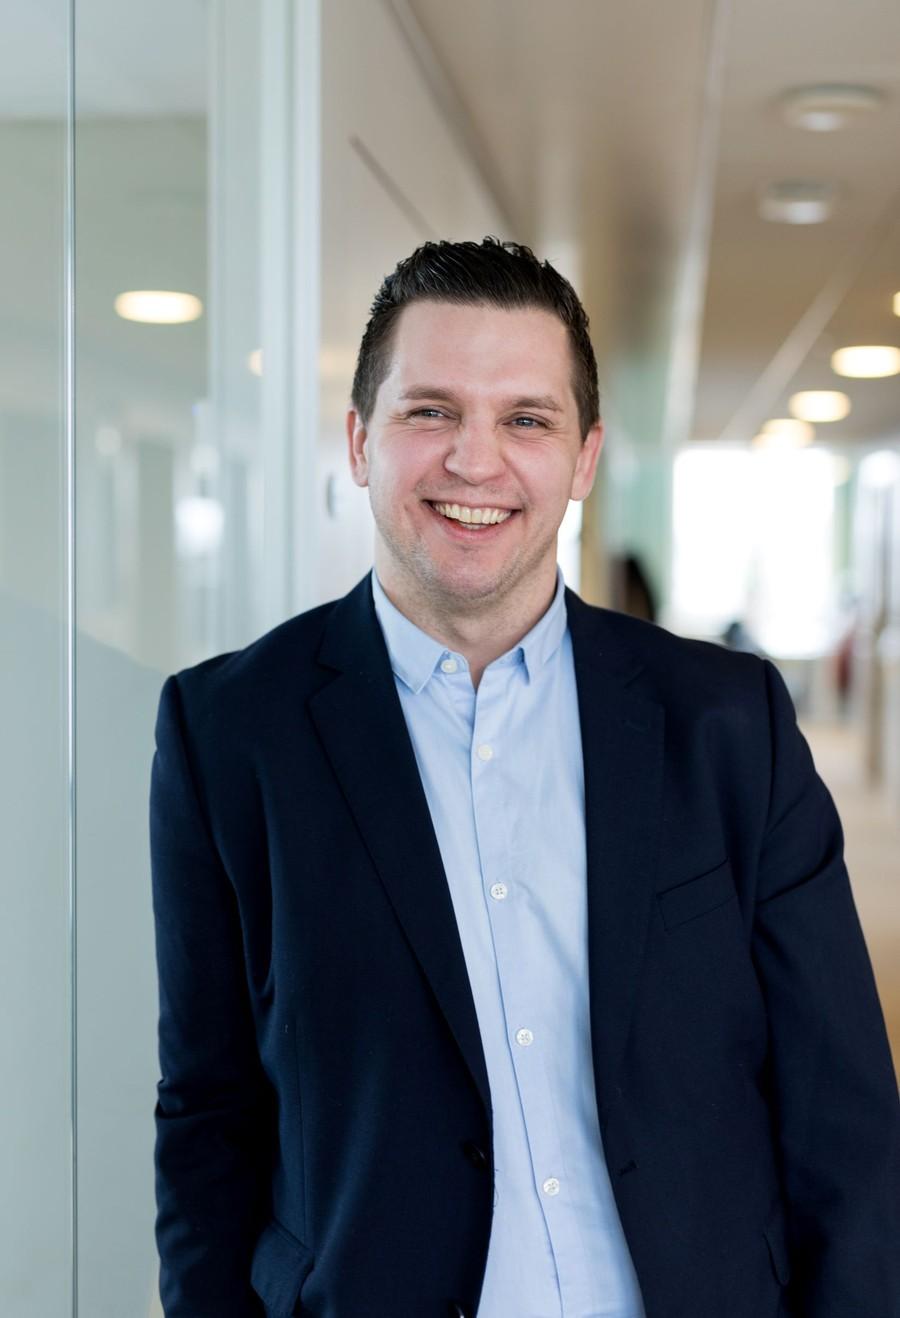 Johan Utvecklingschef